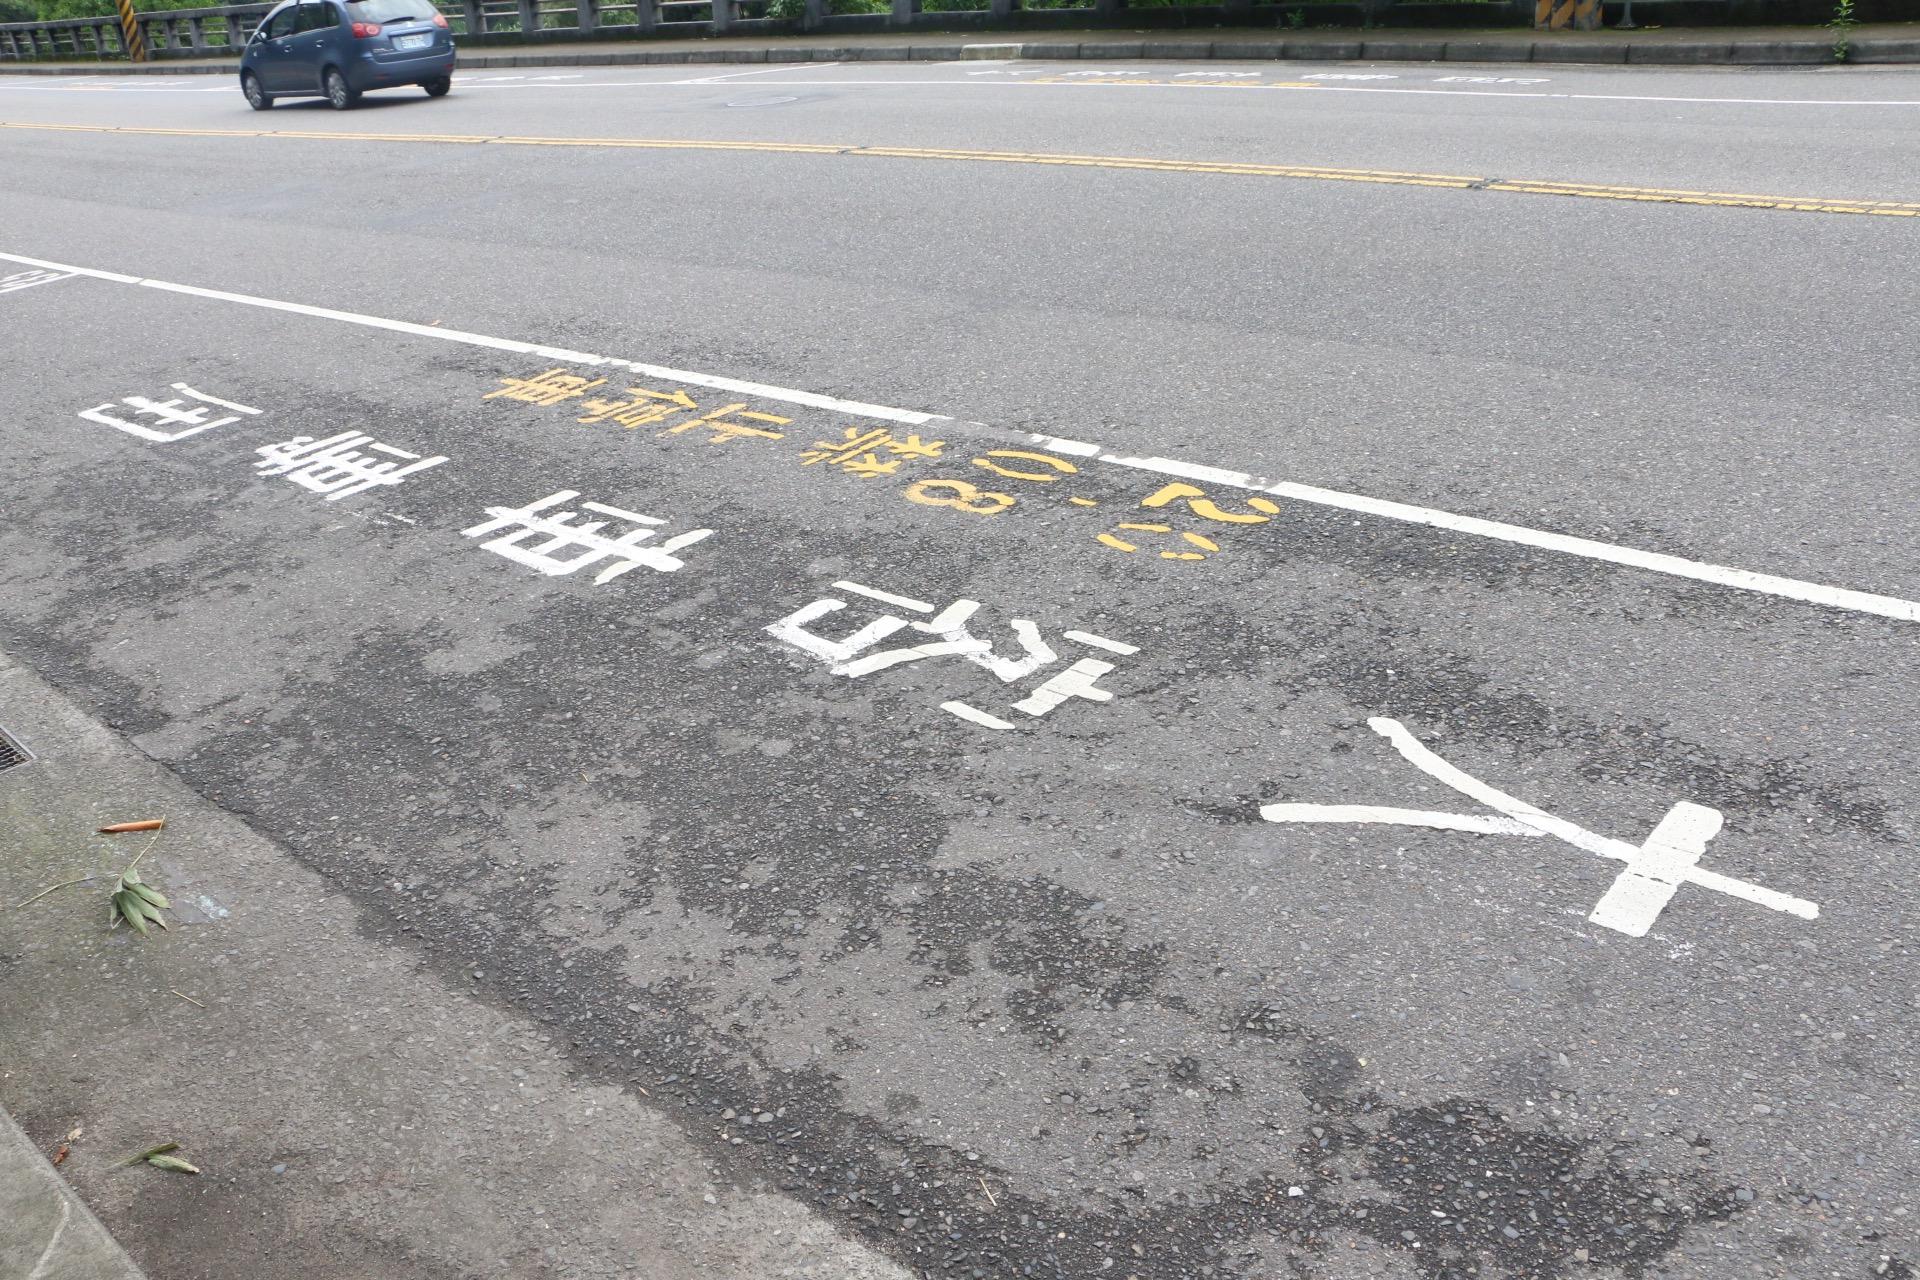 地面繪設大客車專用格 ,影響候車者的視線。(攝影/李芮昕)